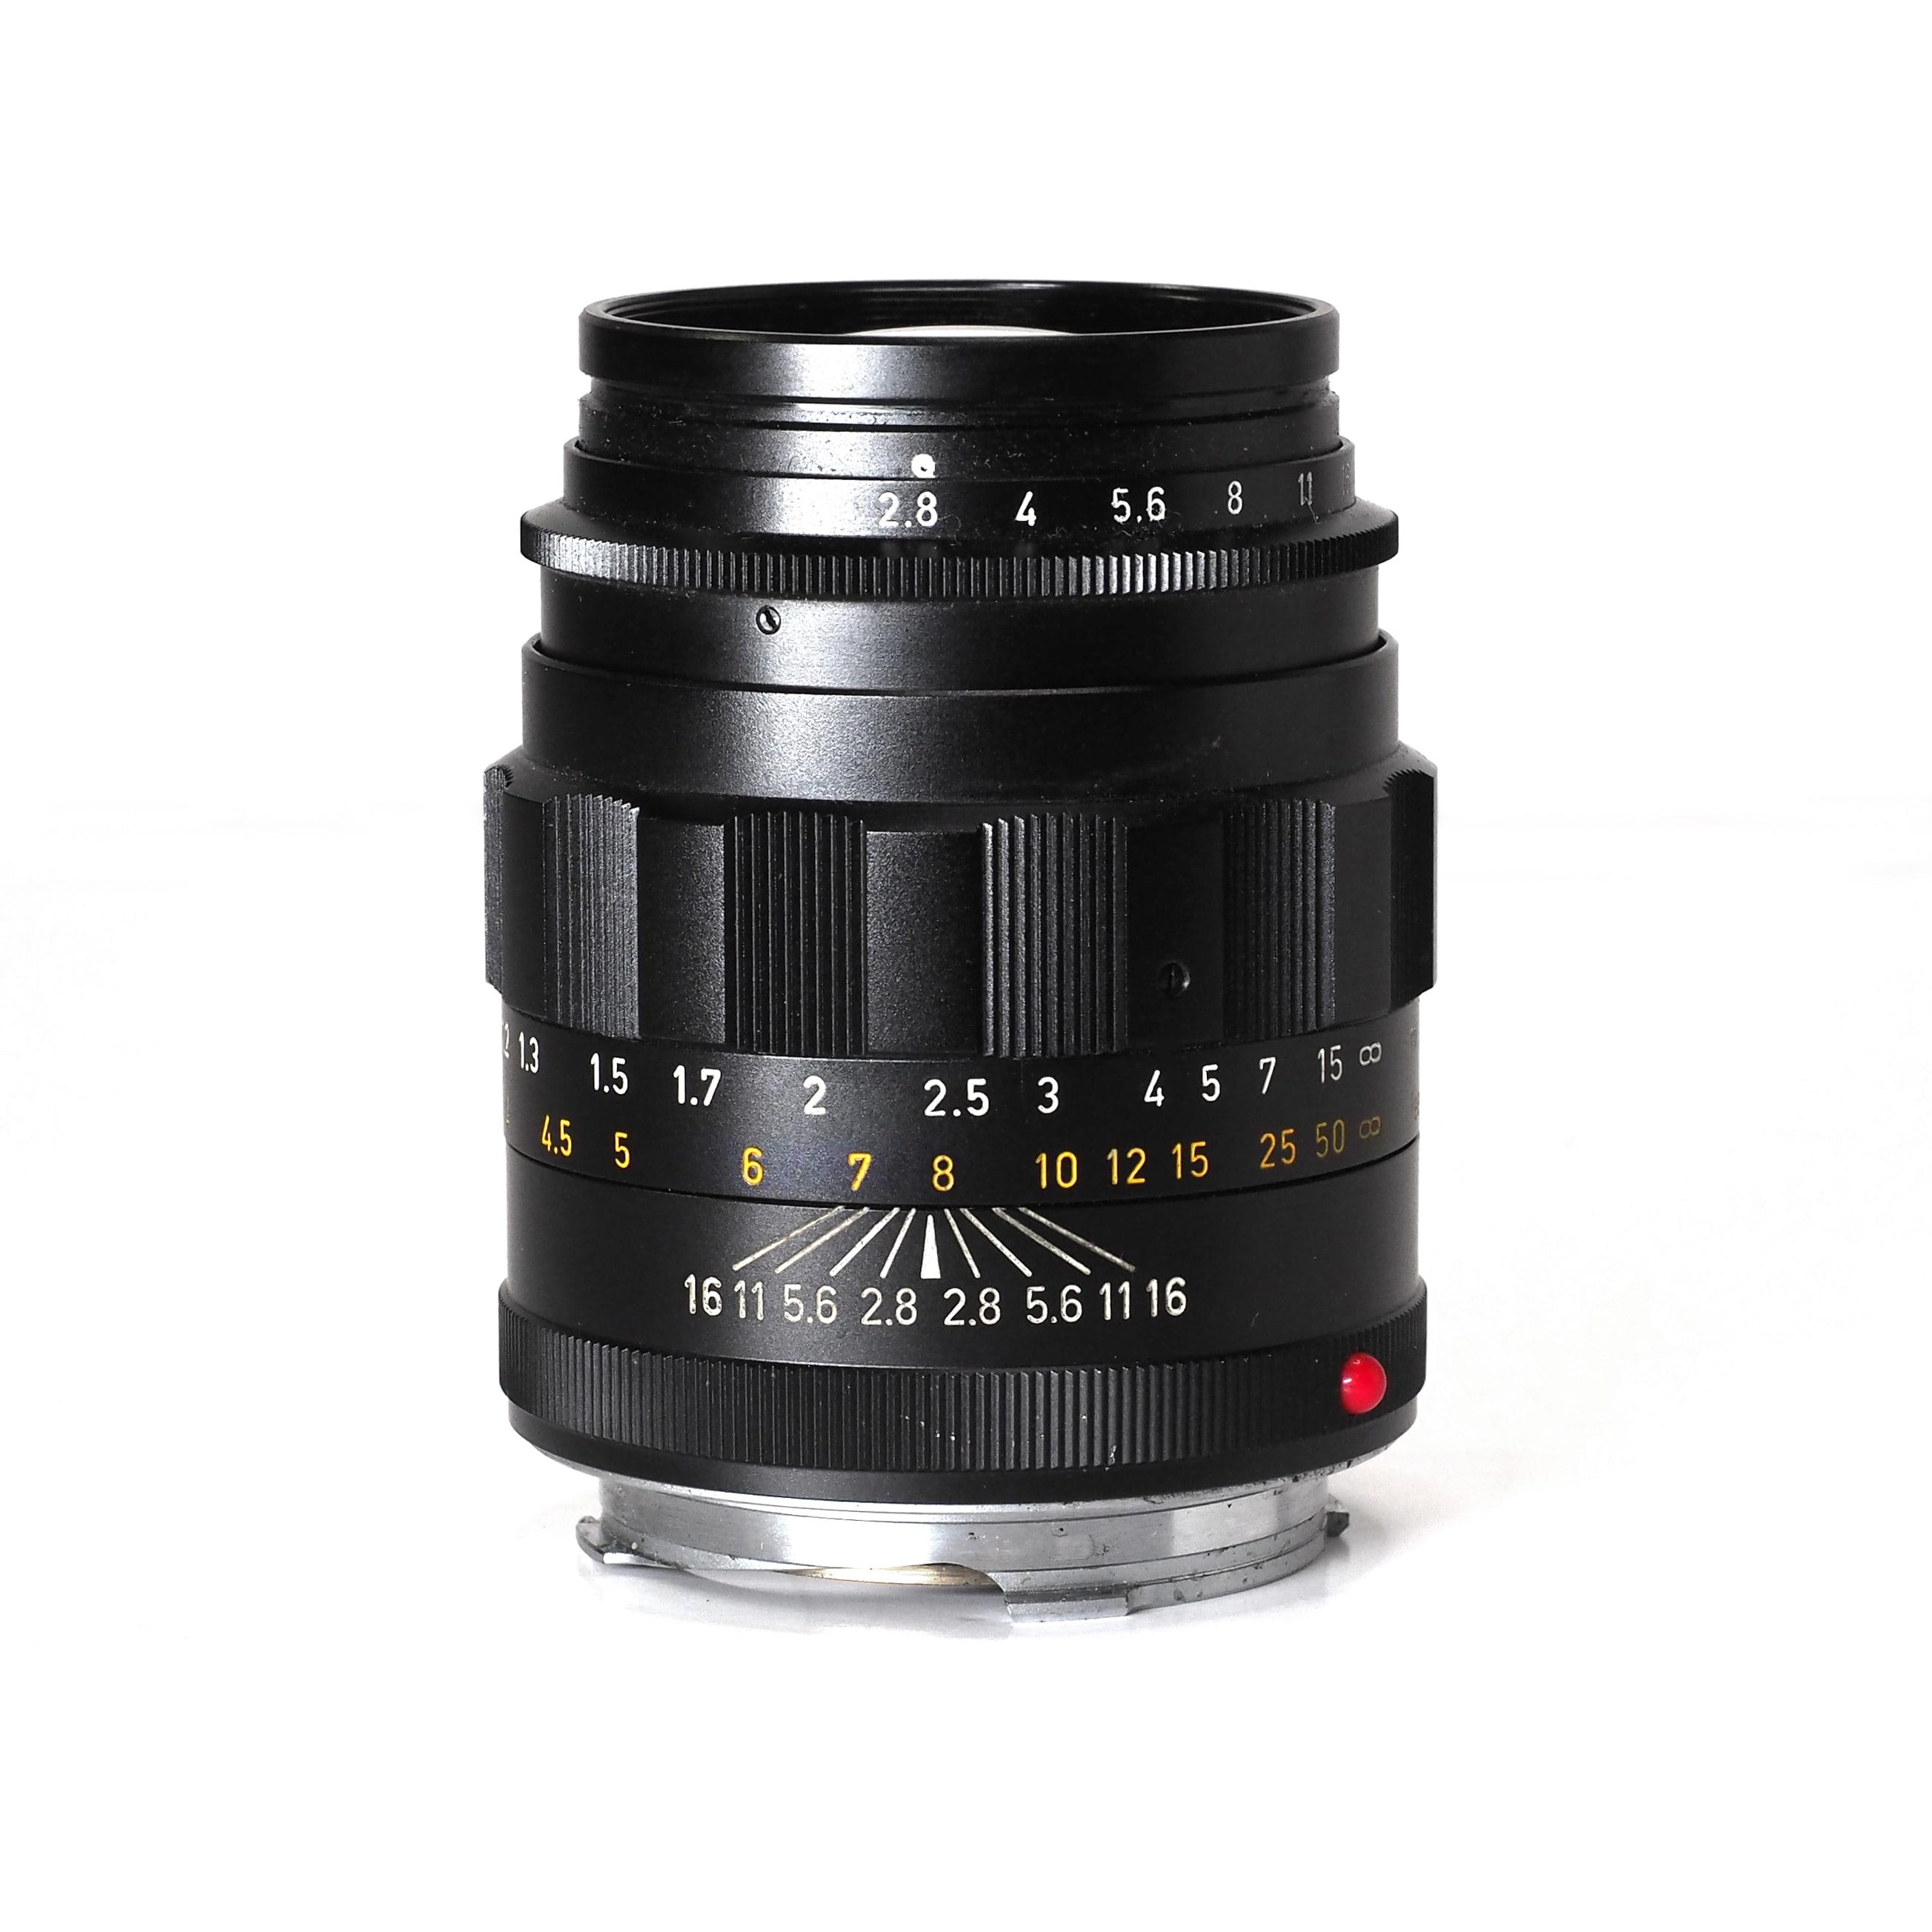 Leitz Tele-Elmarit 90mm f/2,8 - BEGAGNAT